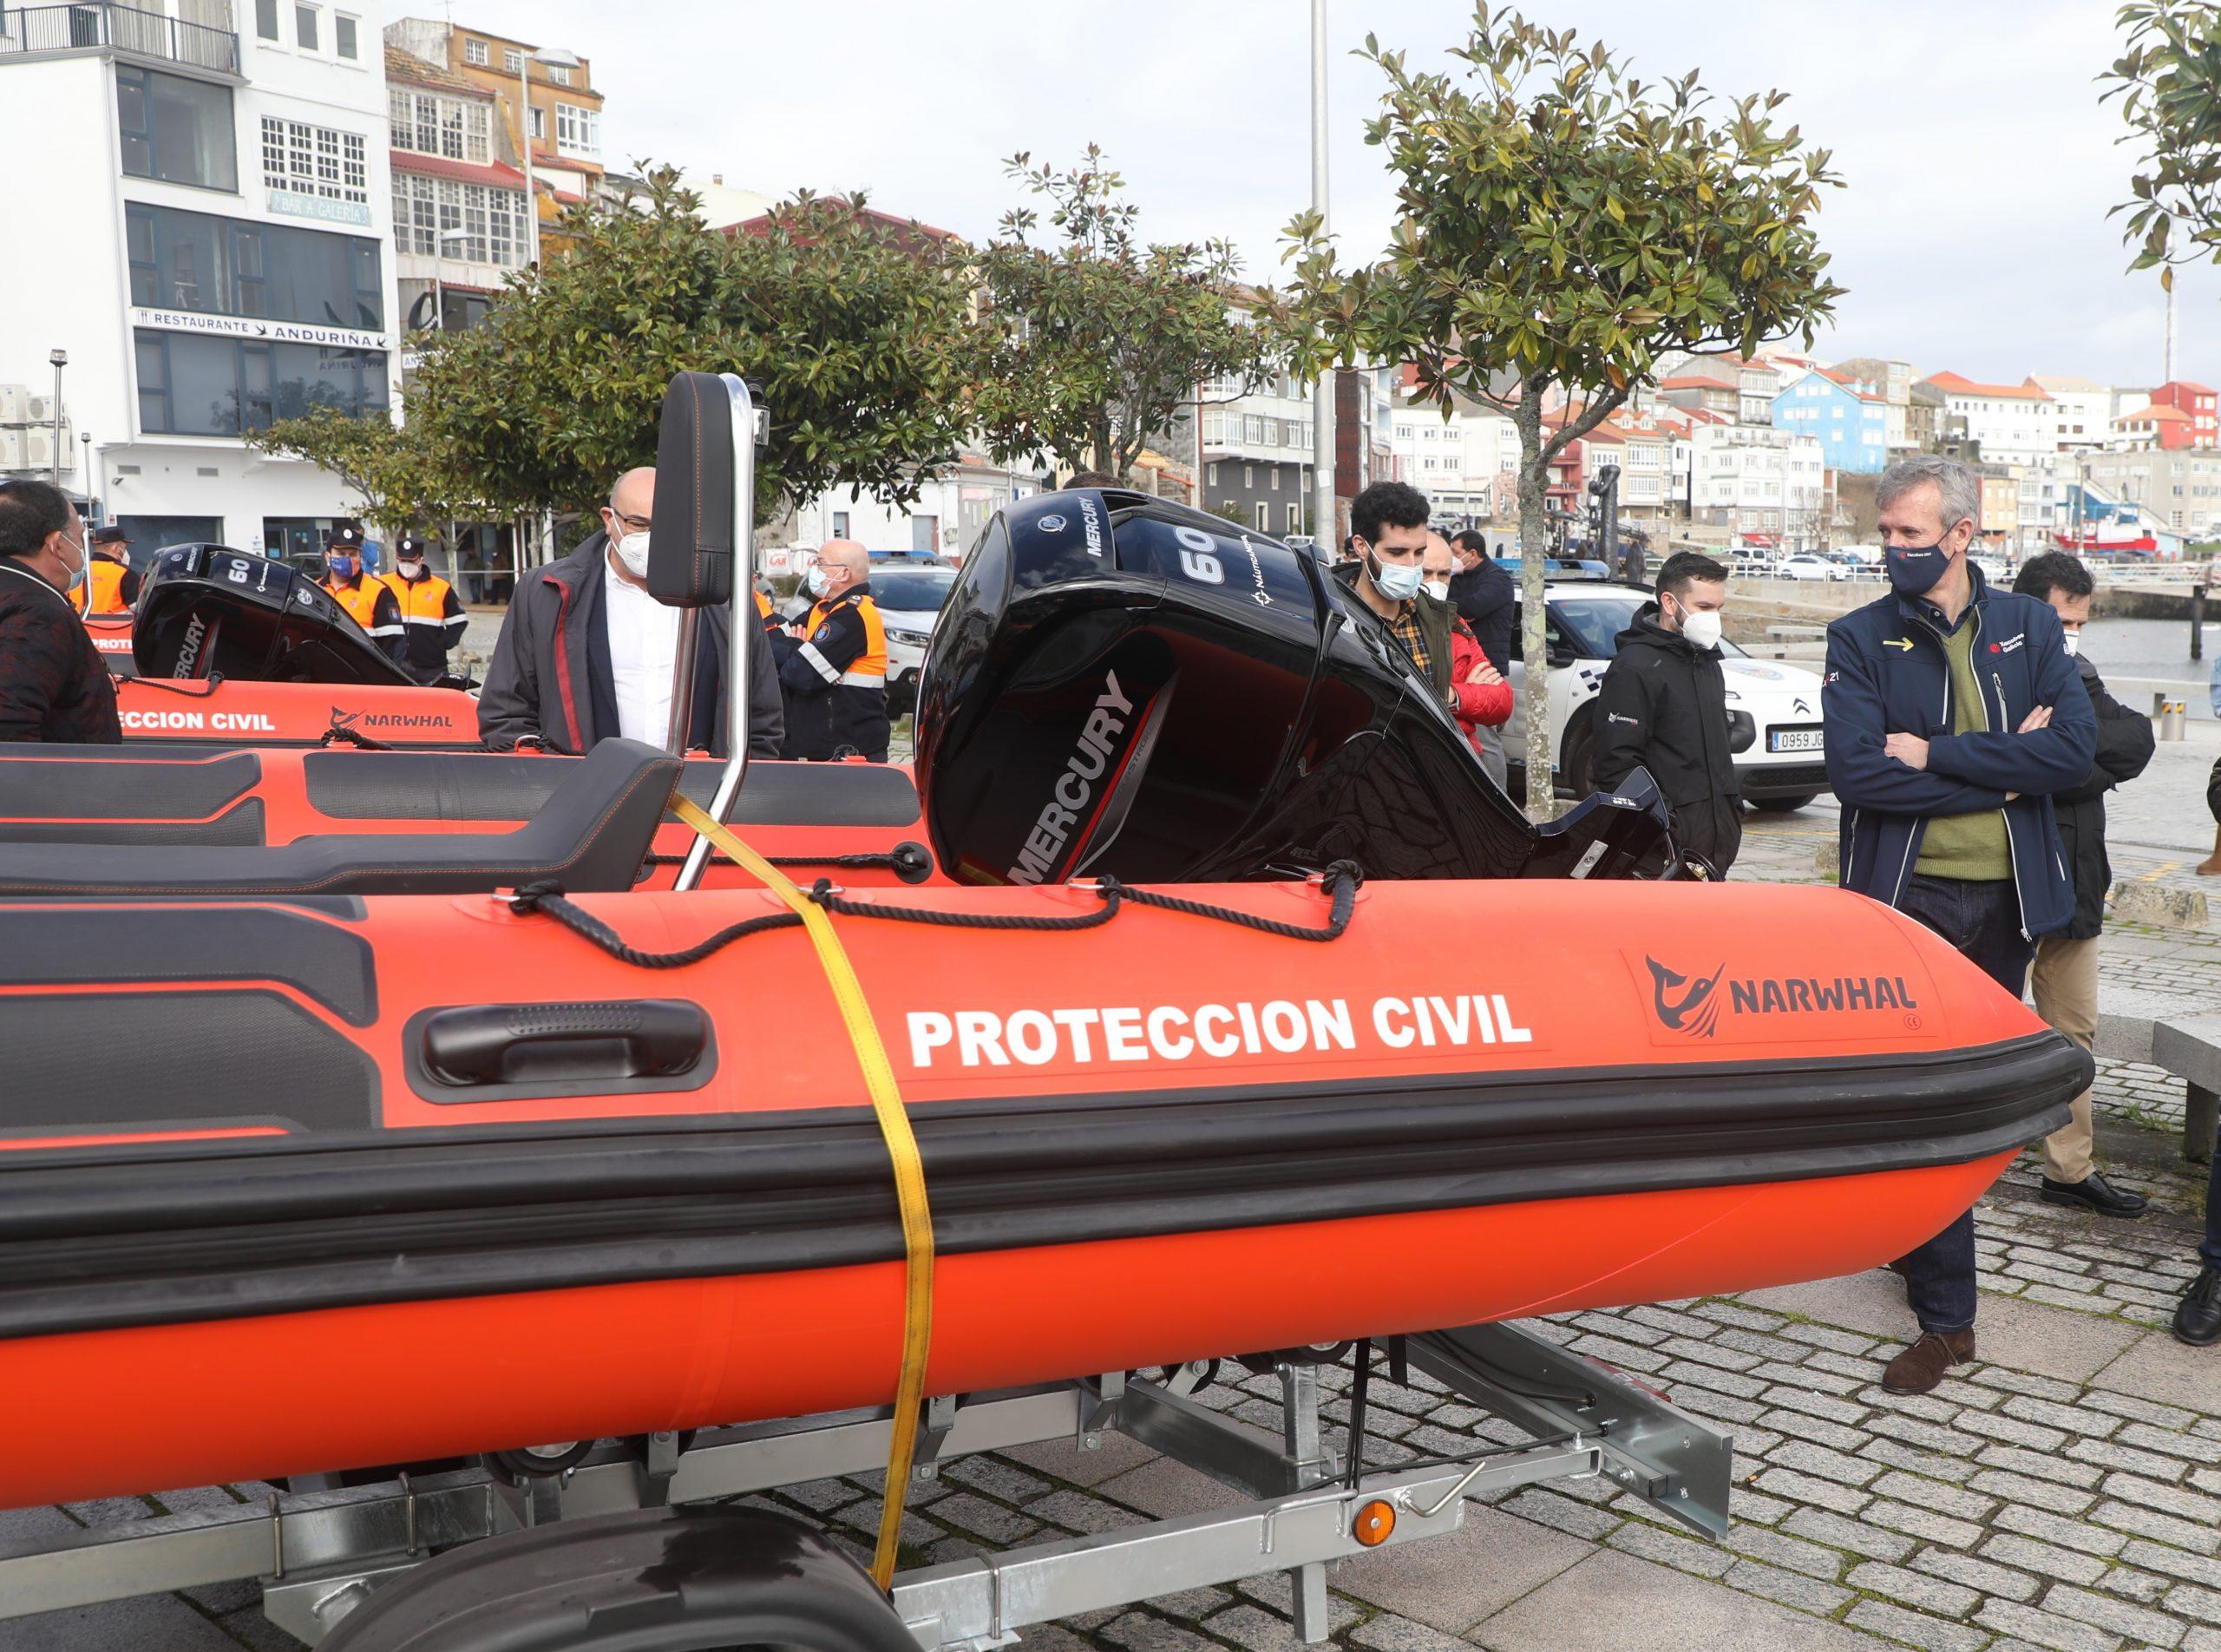 A Xunta mellora o material de agrupacións de voluntarios de Potección Civil con 4 embarcacións de salvamento e rescate, unha delas a Barreiros